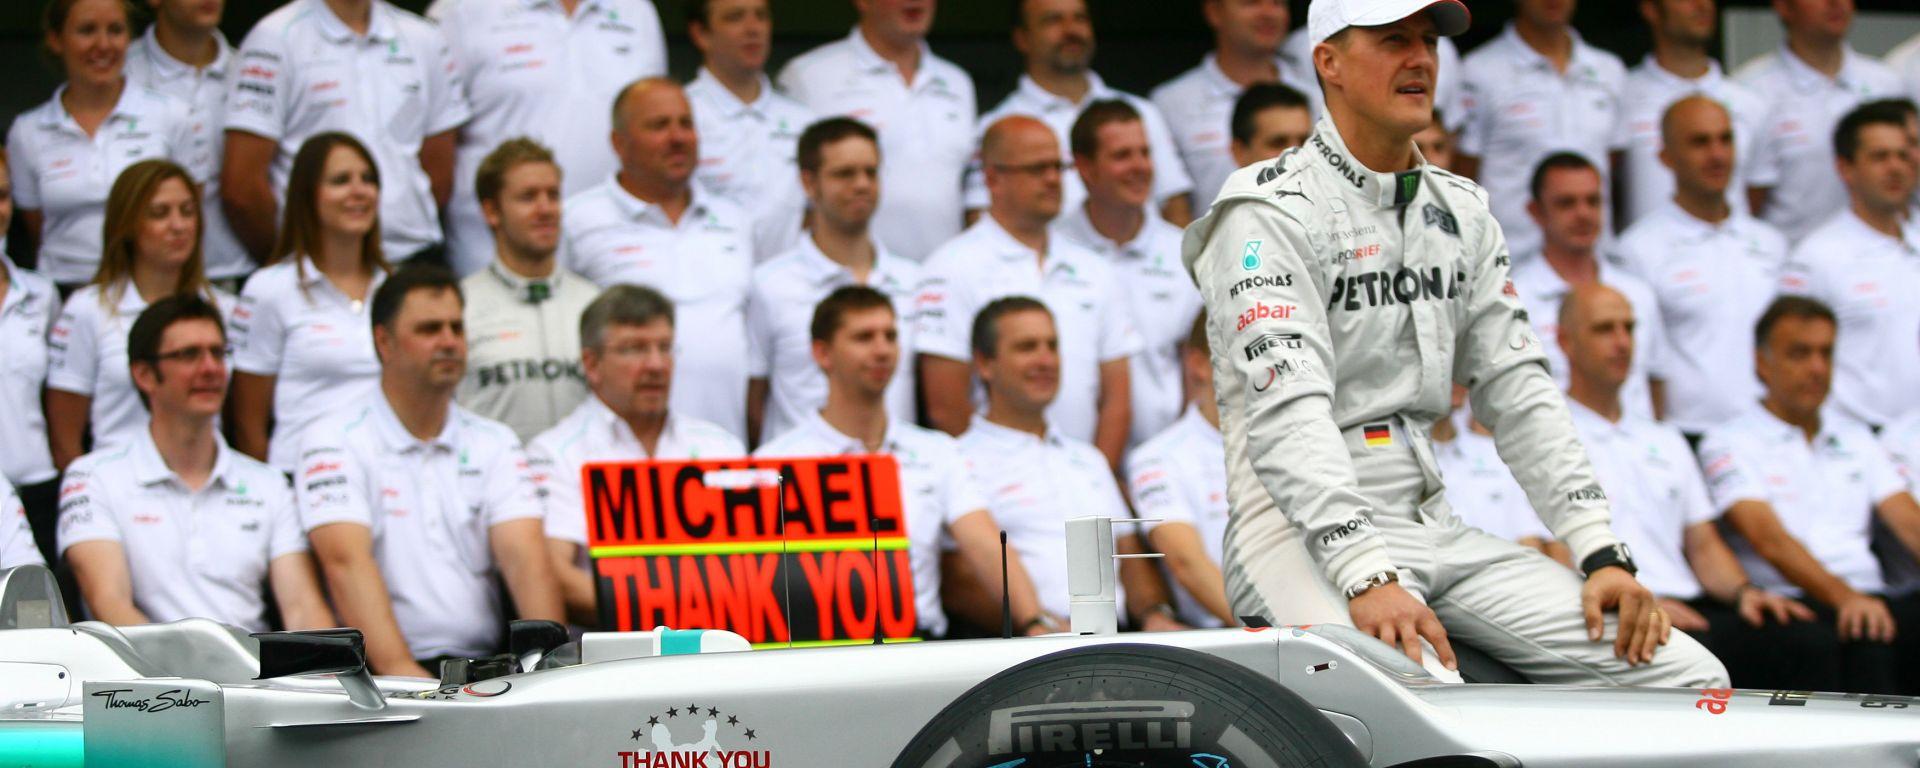 F1 GP Brasile 2012, Interlagos: Micheal Schumacher (Mercedes)